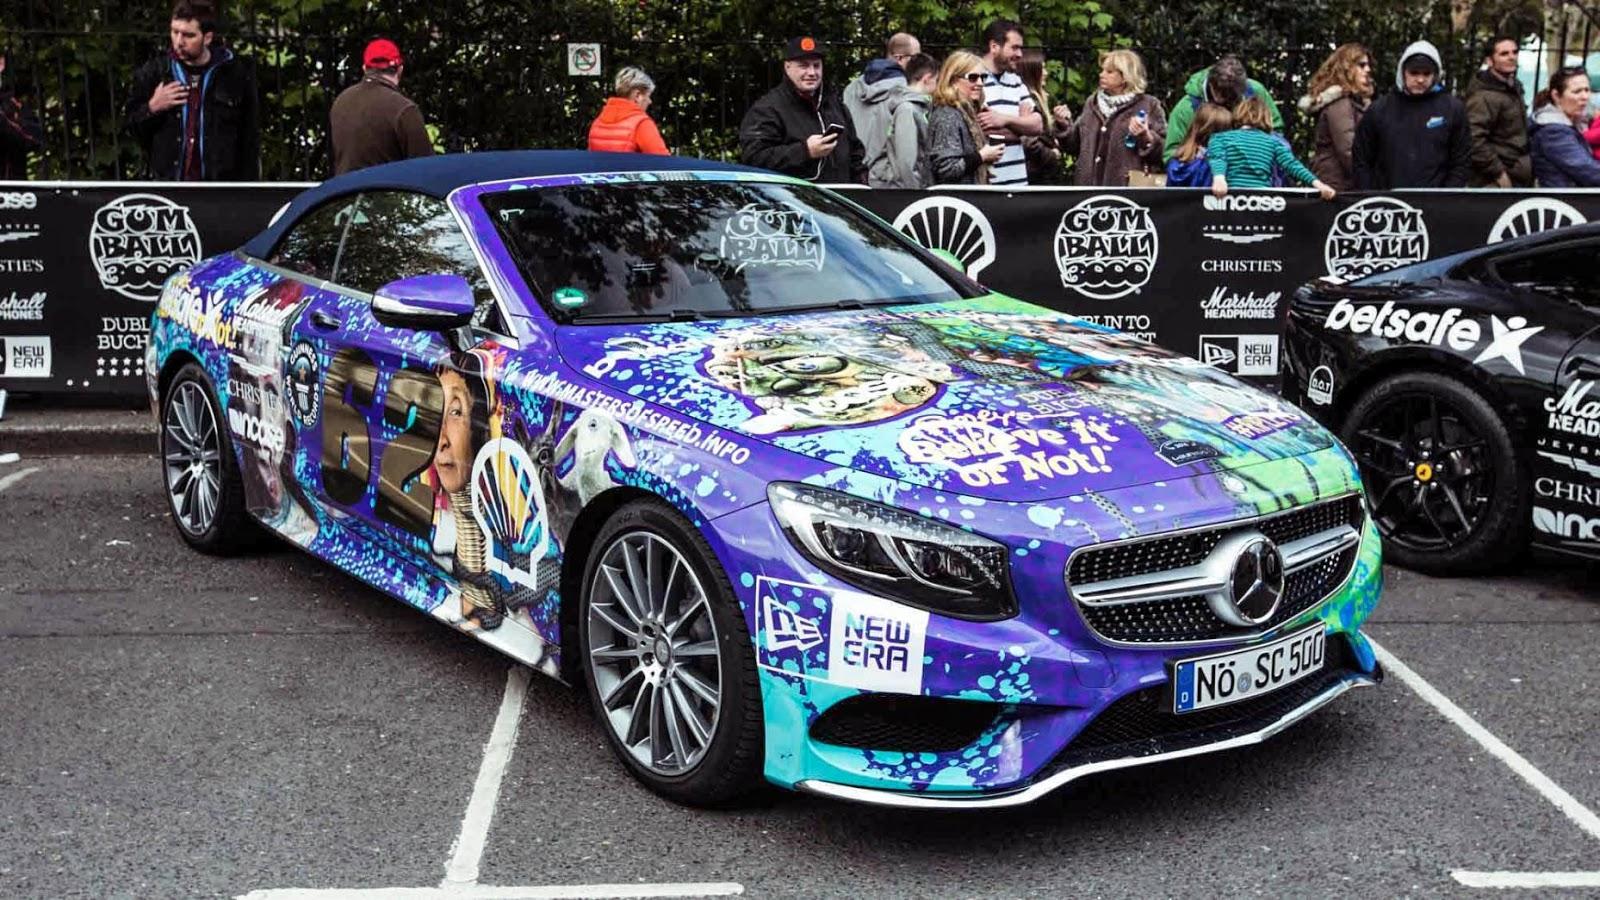 Mãn nhãn với dàn siêu xe kỳ lạ tại Gumball 2016